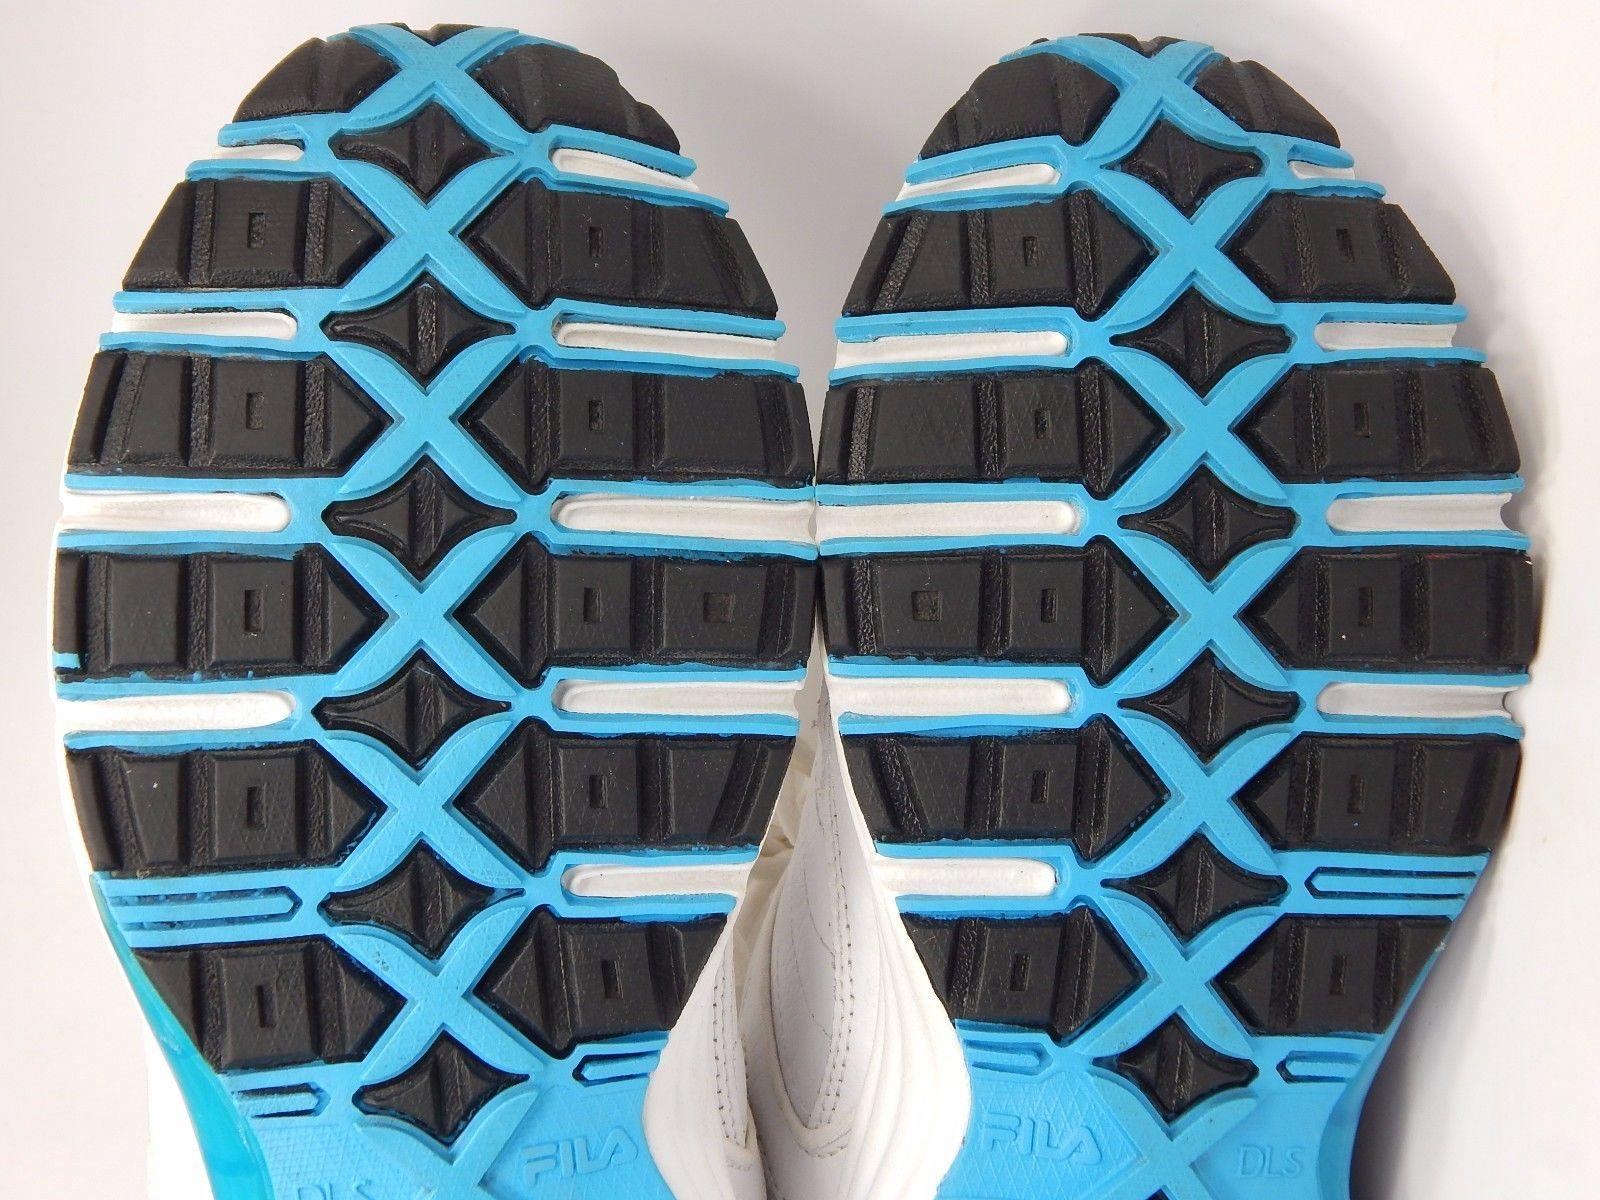 Fila Memory Sporter Women's Running Shoes Size US 9.5 M (B) EU 41 5HA10000-162